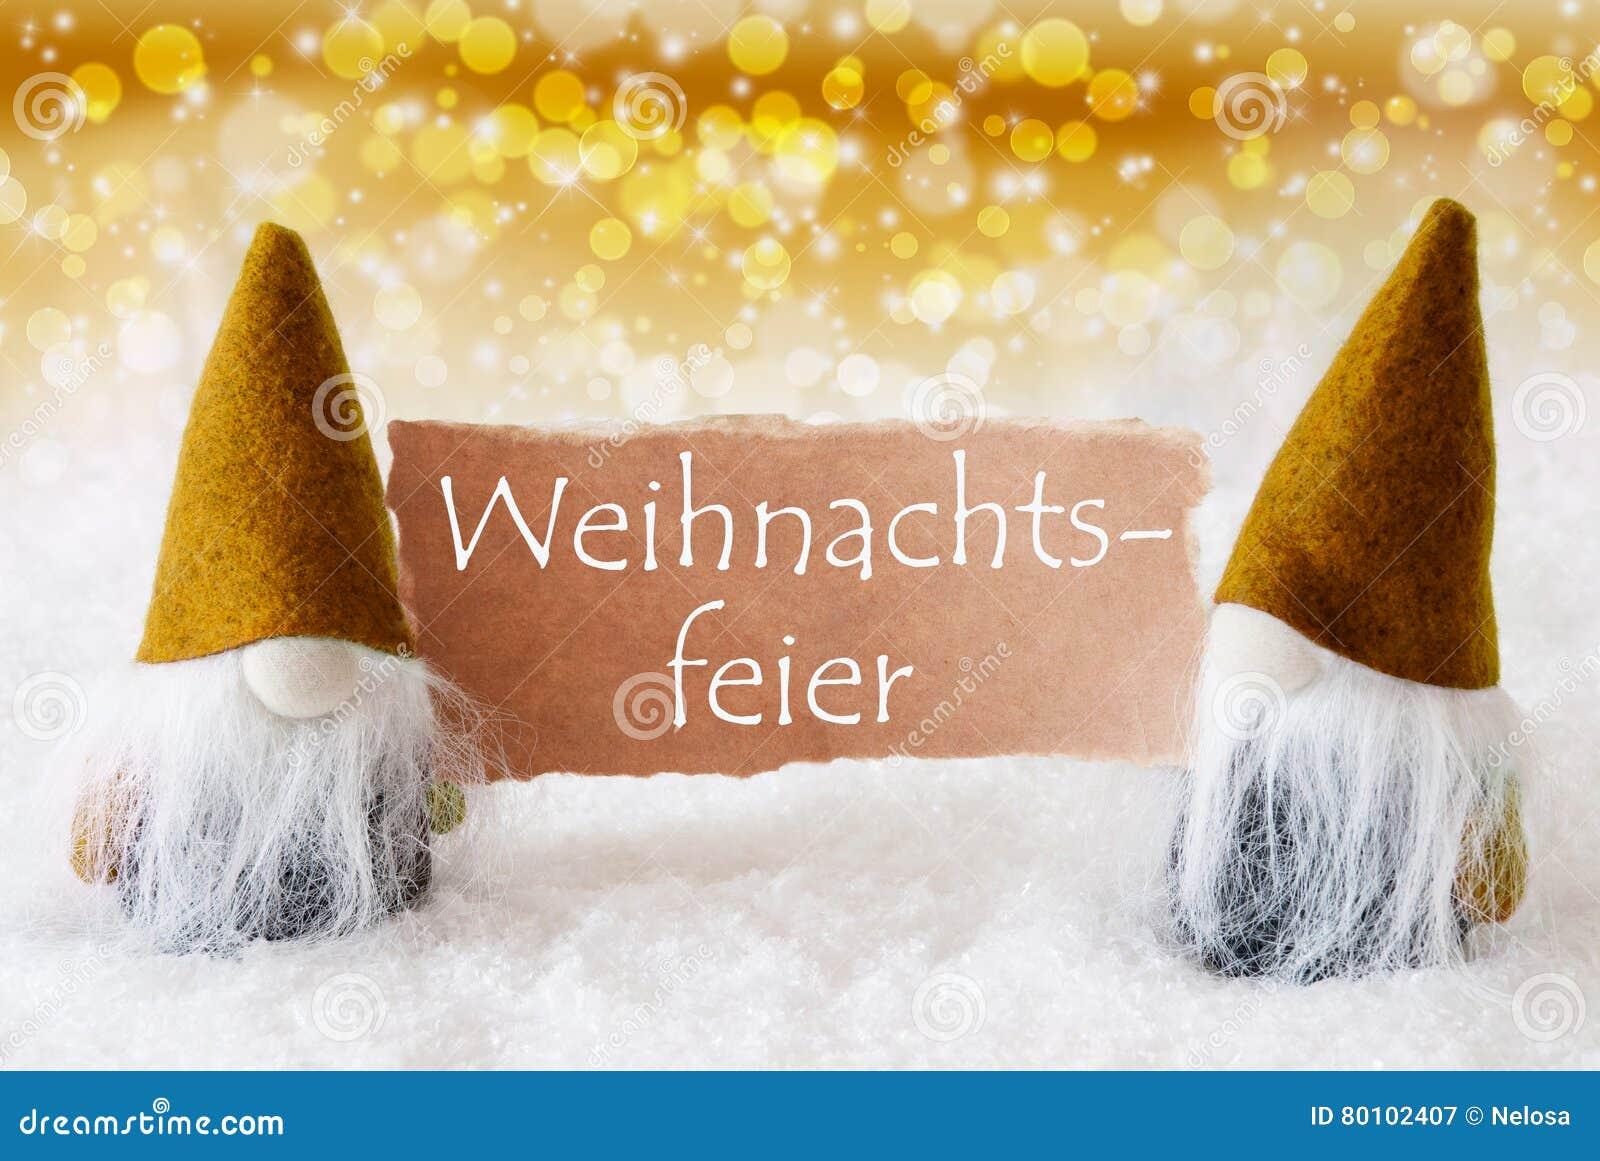 Os gnomos dourados com cartão, Weihnachtsfeier significam a festa de Natal